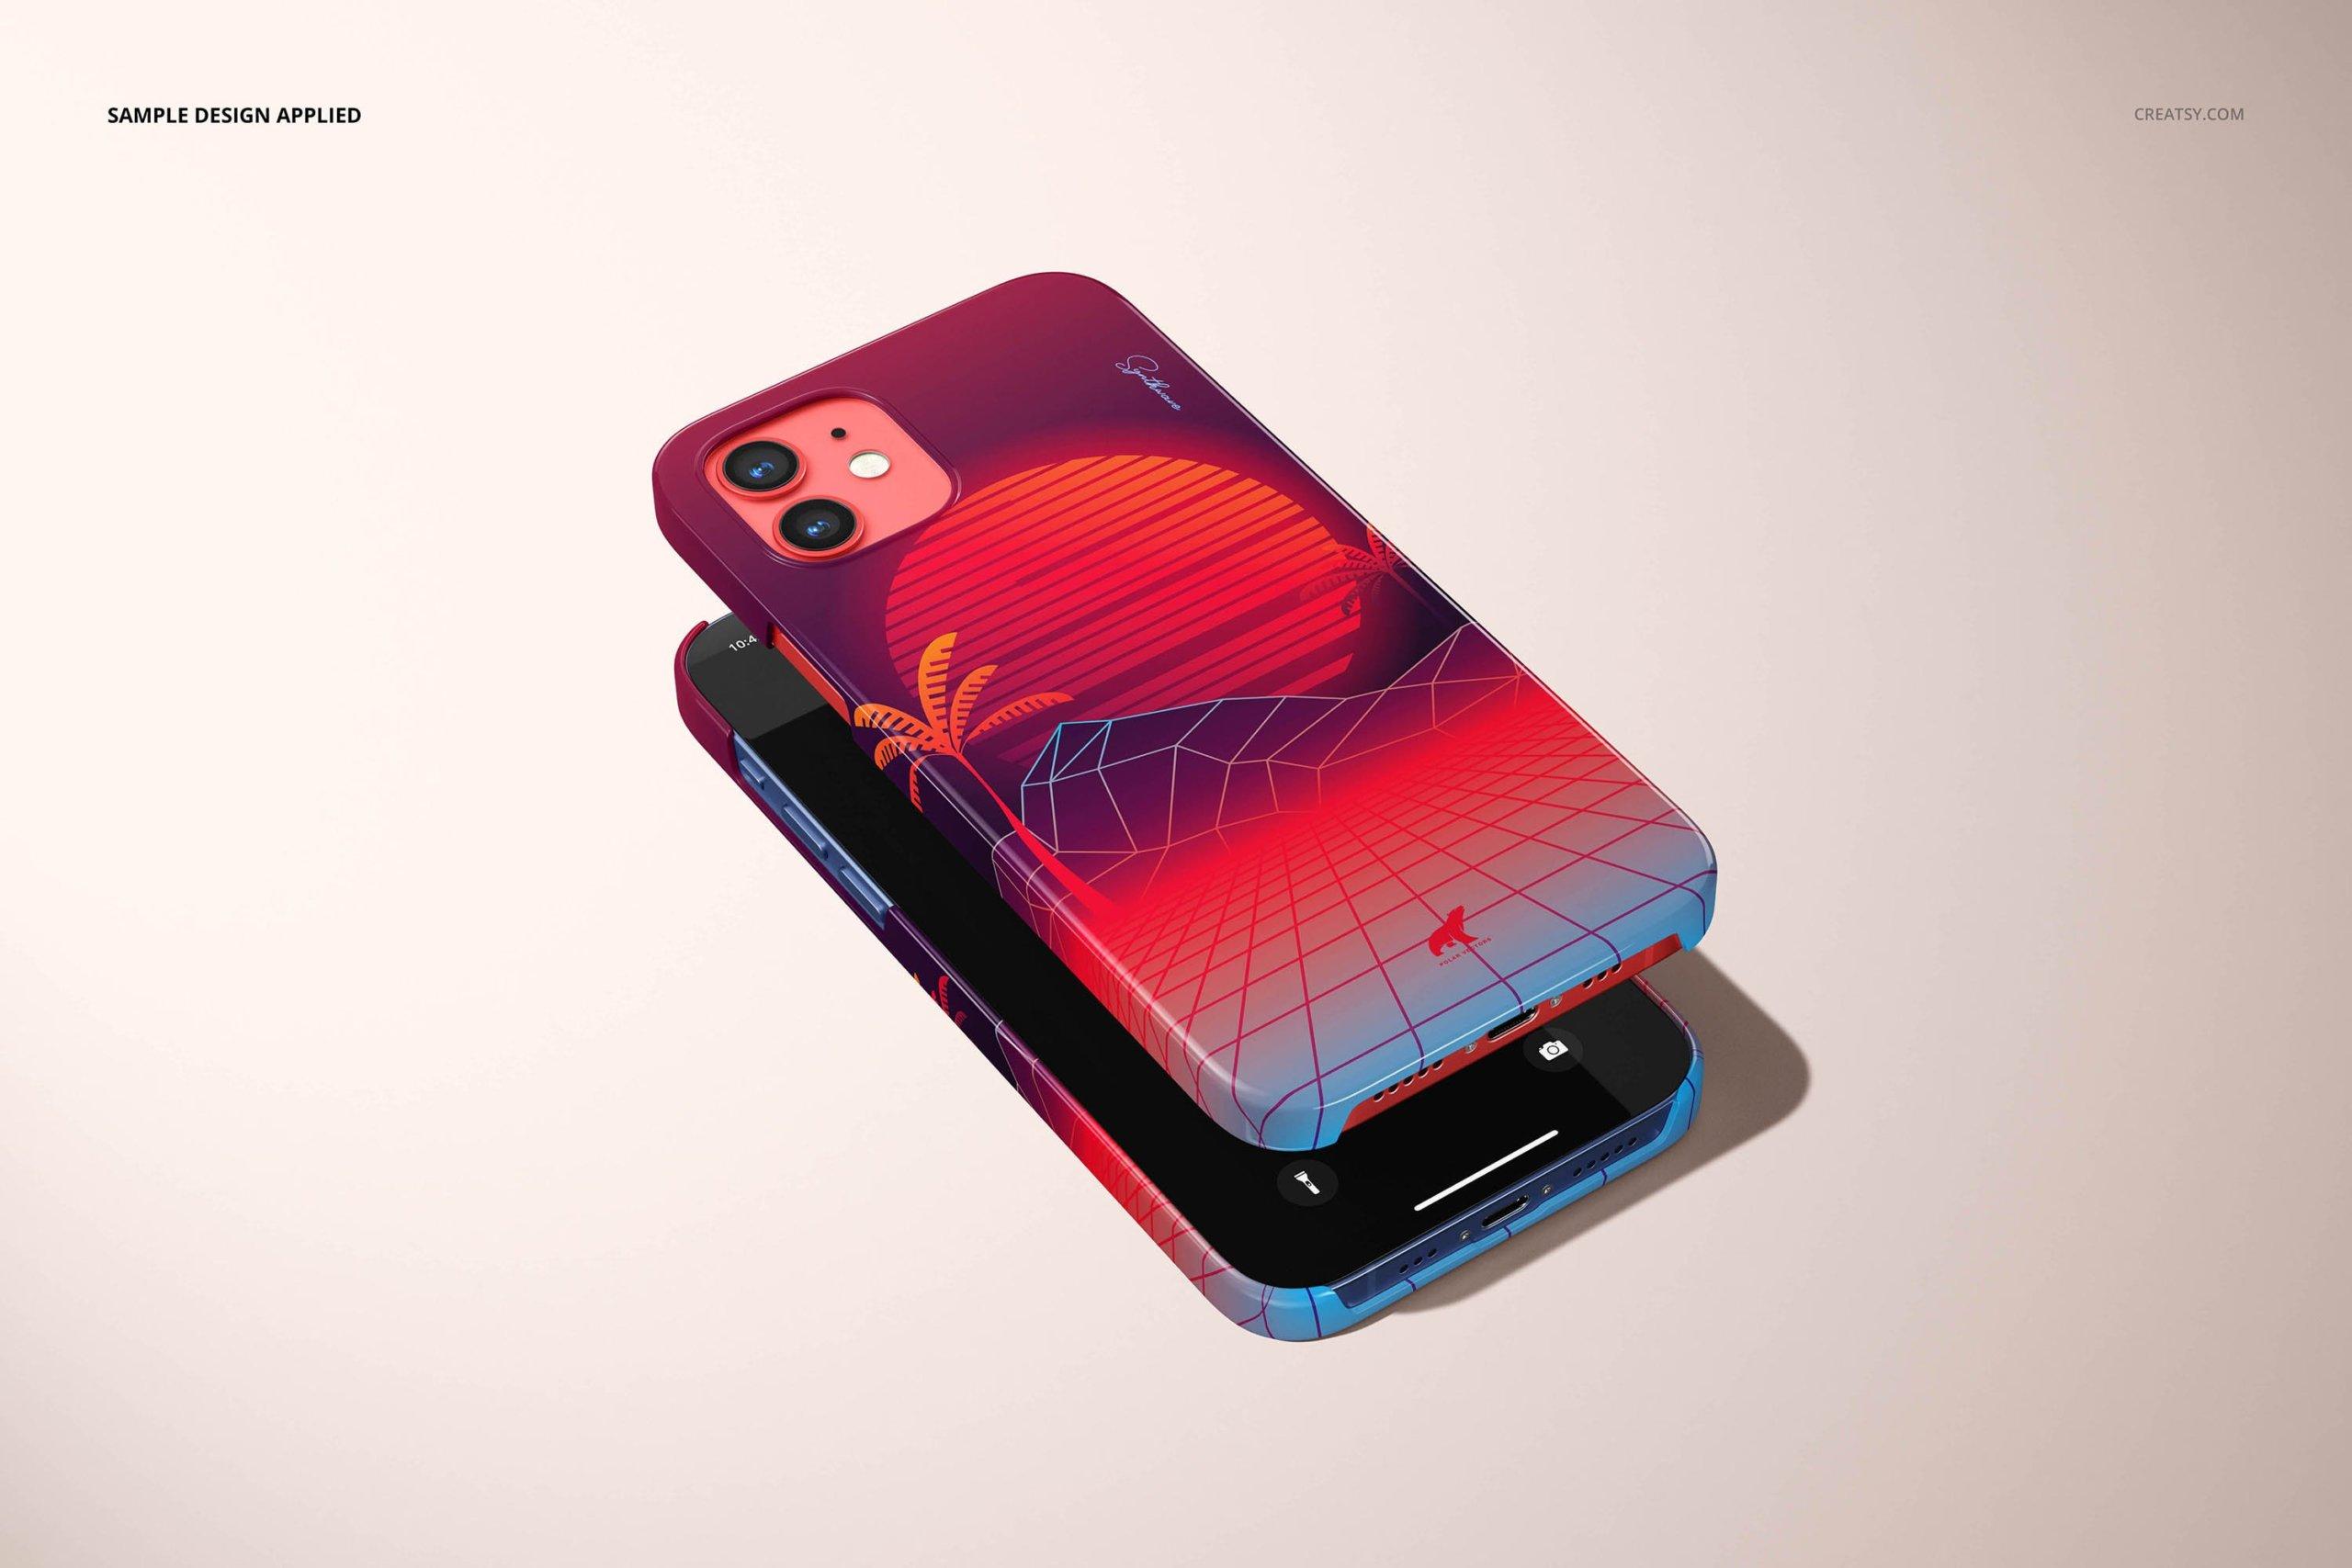 [单独购买] 26款时尚光滑苹果iPhone 12手机保护壳设计PS贴图样机模板素材 iPhone 12 Glossy Snap Case 1 Mockup插图11